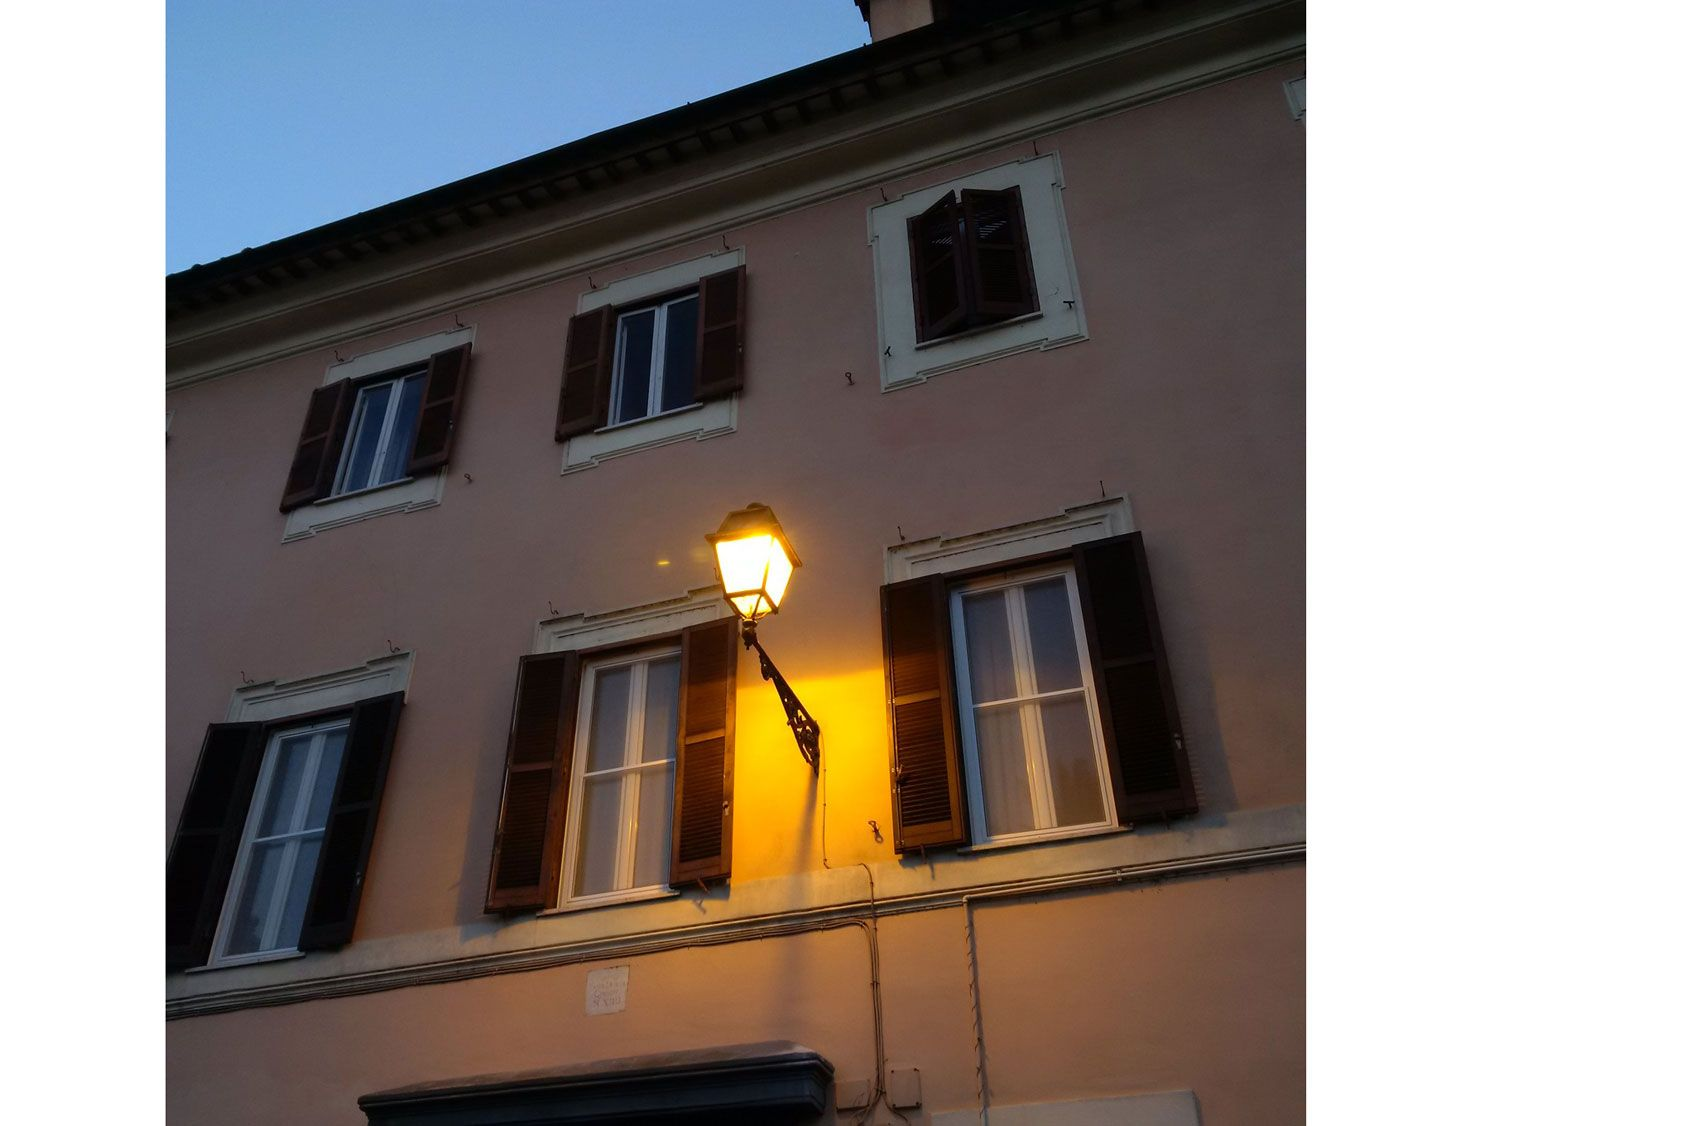 La mairie peut imposer l'installation d'un lampadaire sur la façade d'une maison